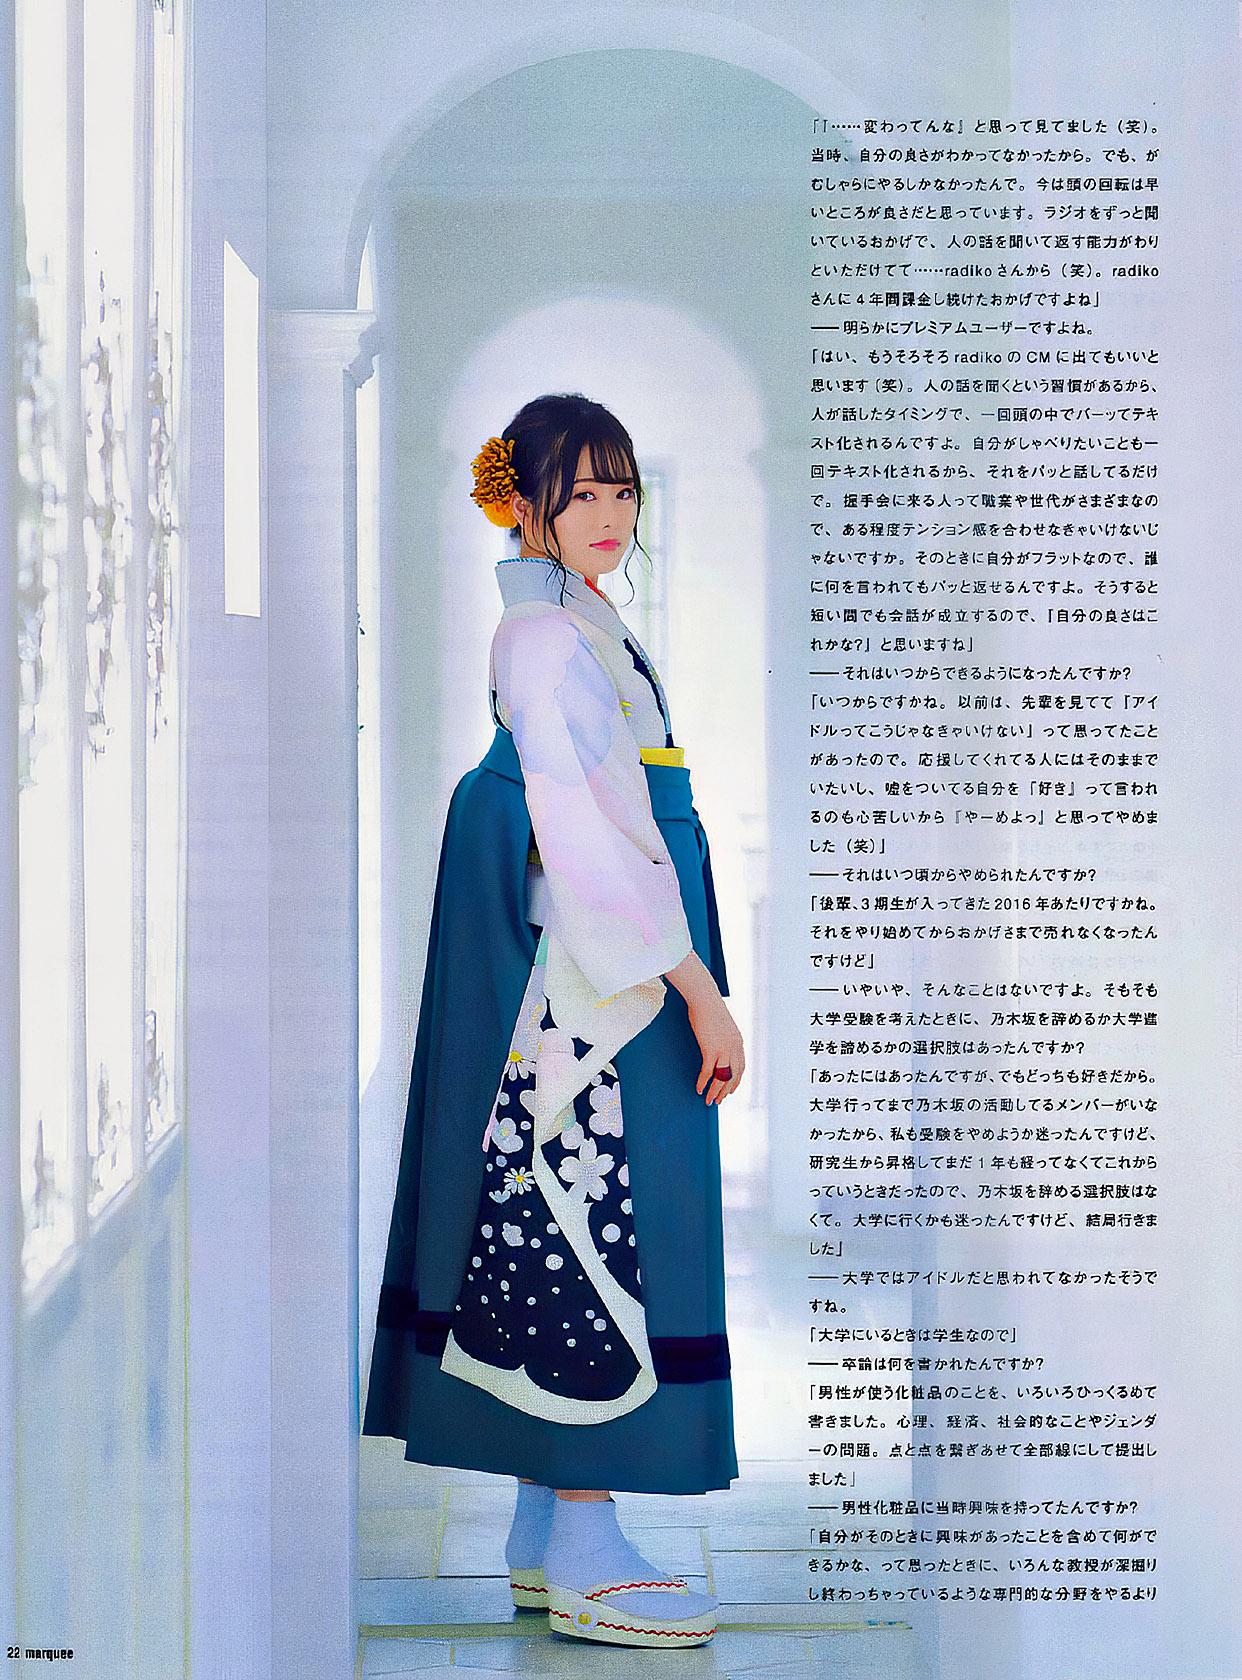 Rena Yamazaki N46 Marquee 138 2020 16.jpg